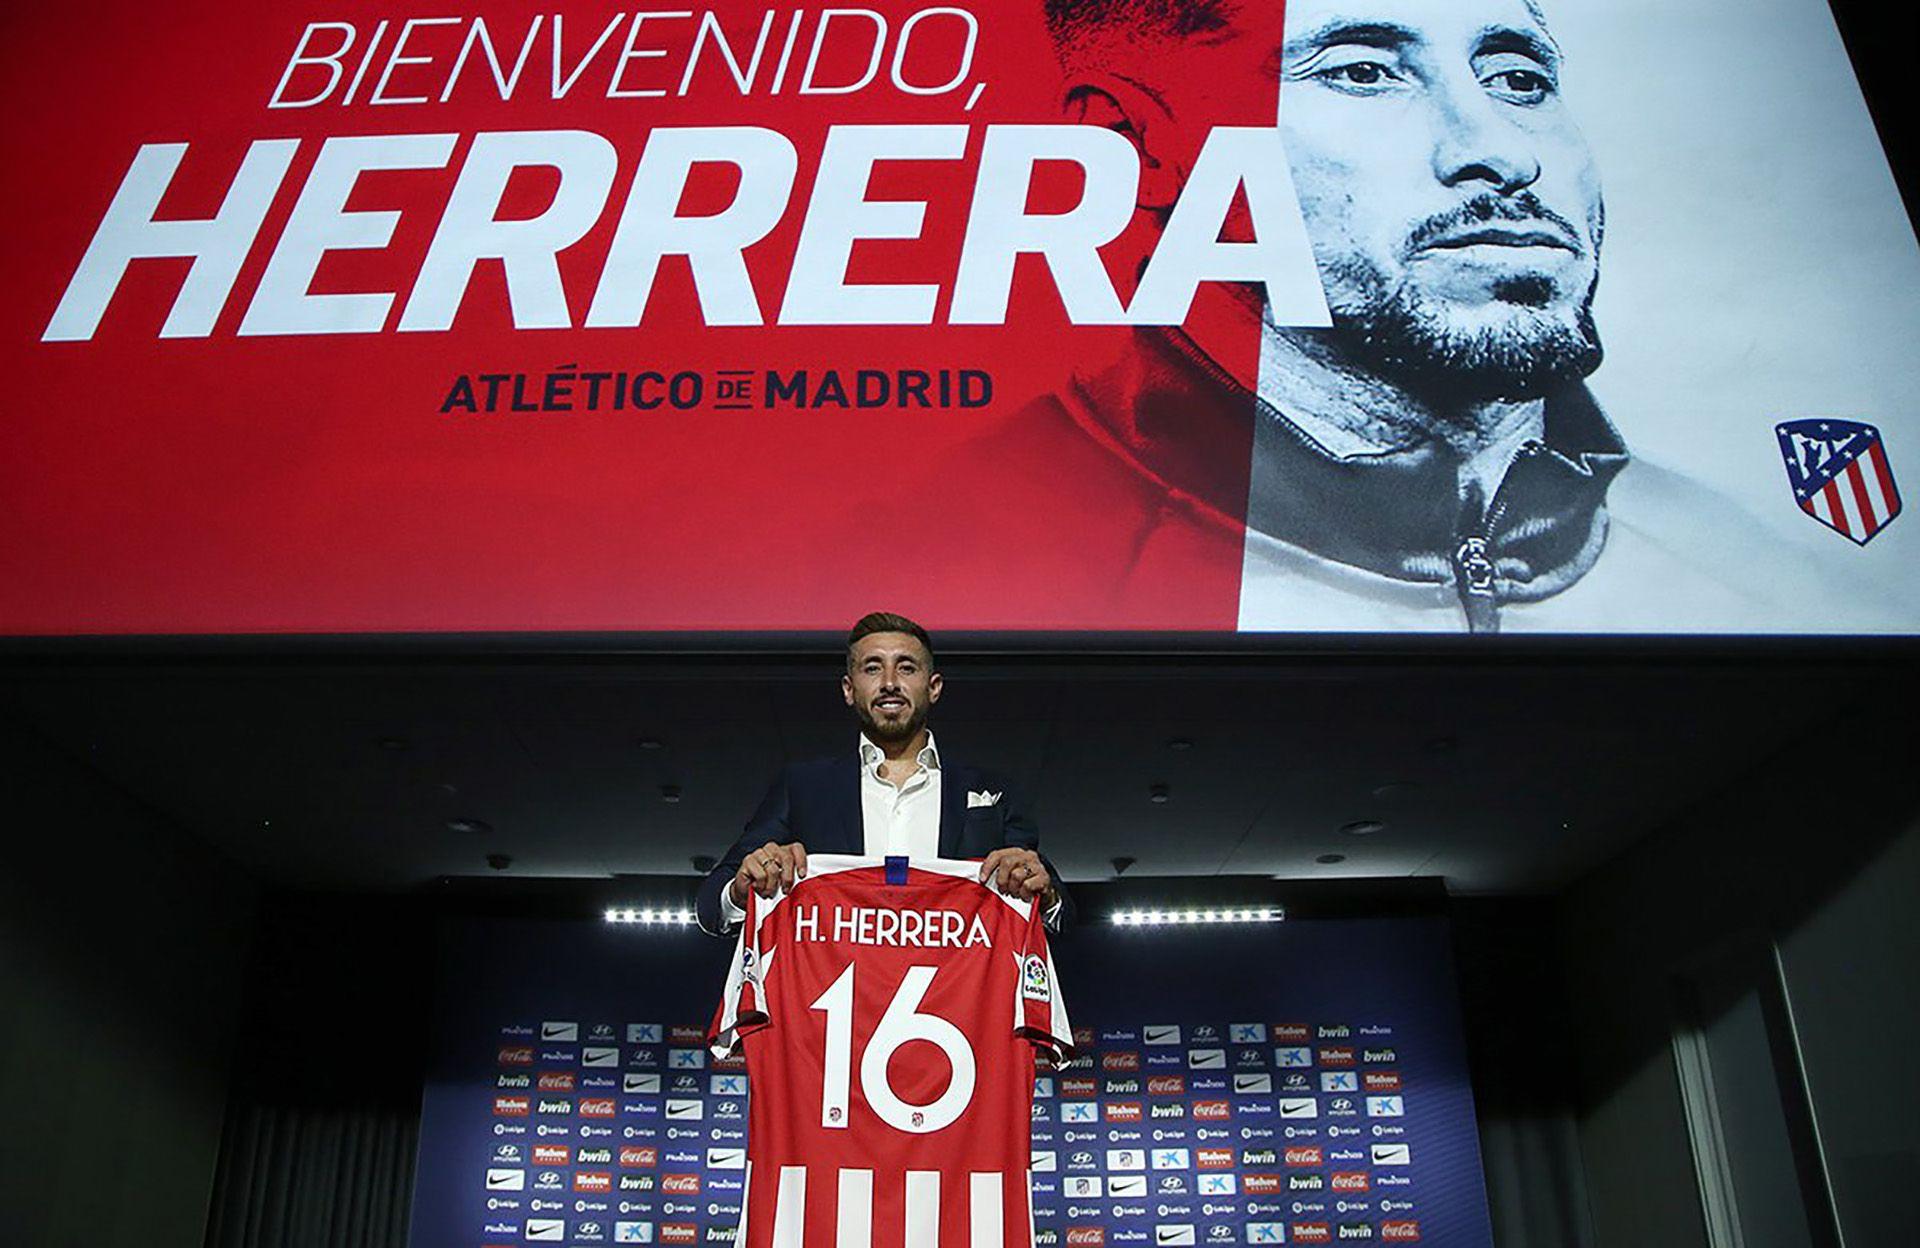 """El mediocampista Herrera llegó al """"Atleti"""" este verano boreal procedente del Porto (Twitter: @AtleticoMadrid)"""